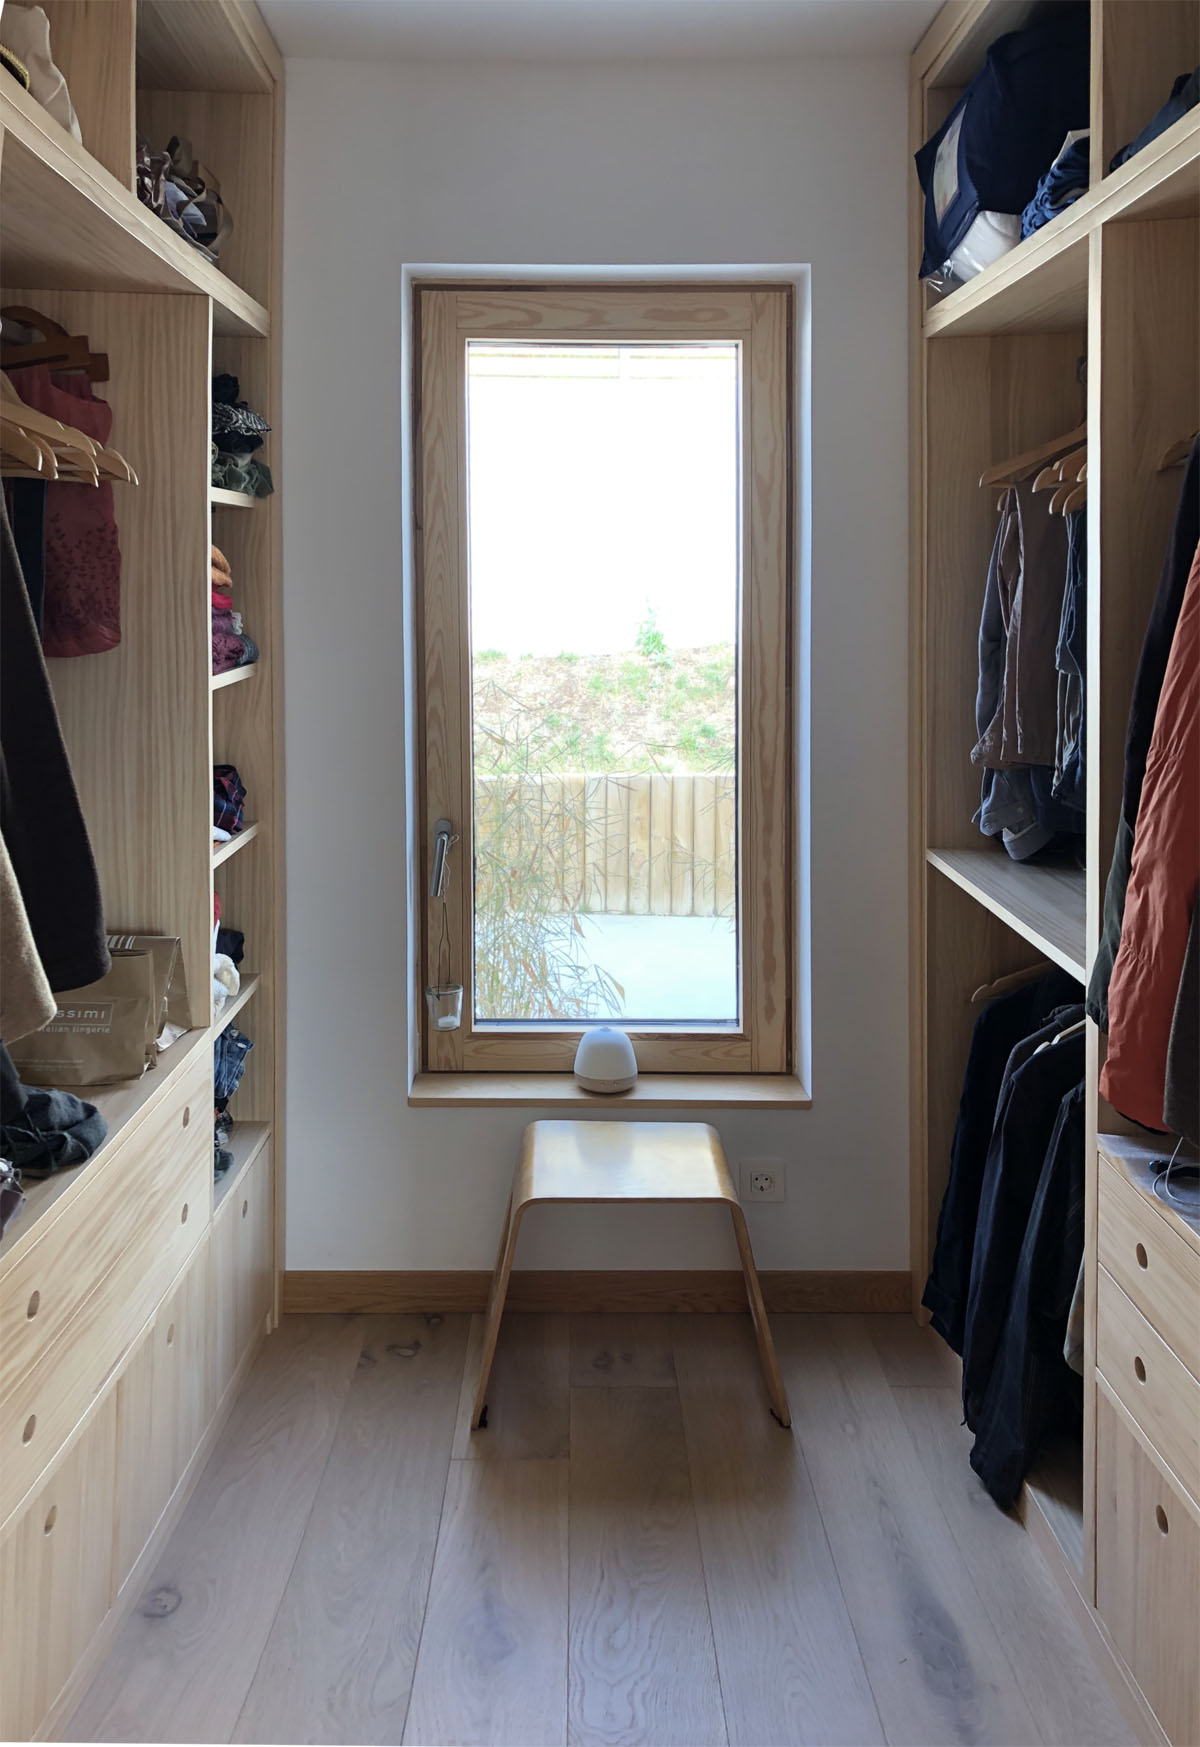 armario ropero vestidor a medida en madera natural